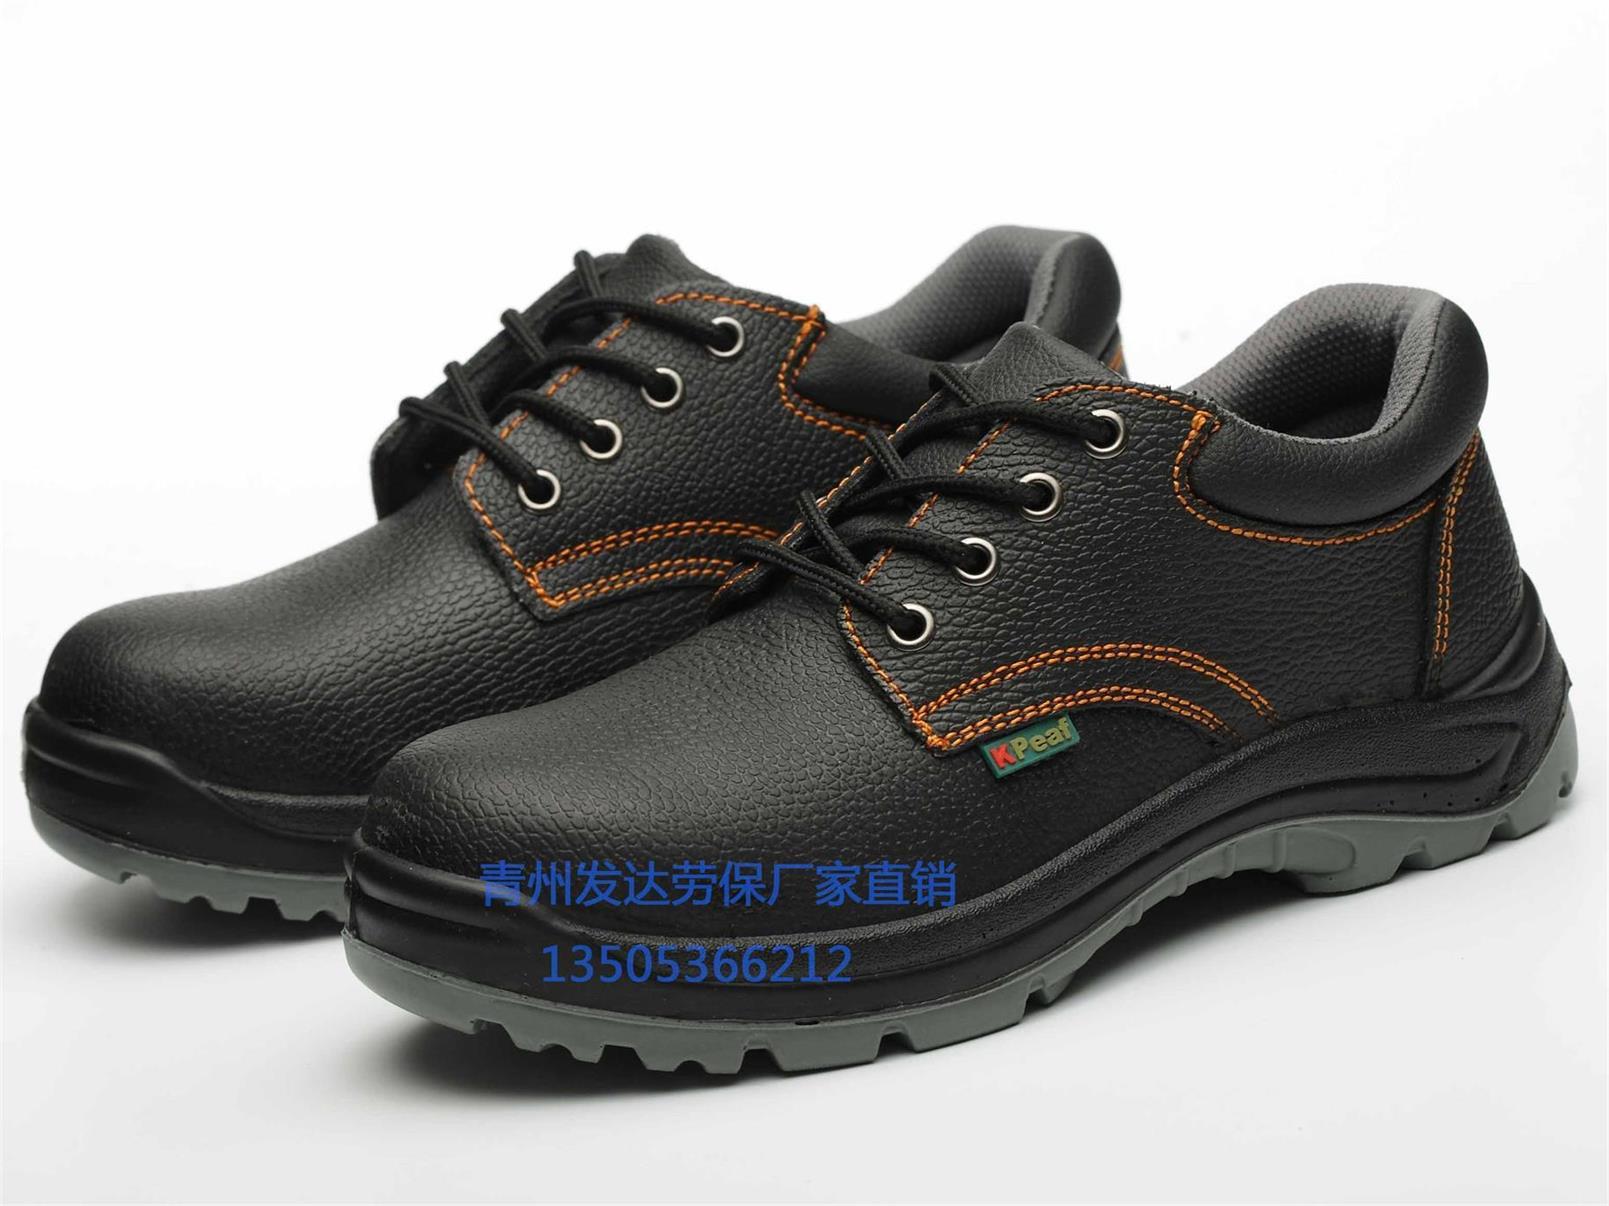 征雪安全鞋哪家有-潍坊价位合理的征雪安全鞋劳保鞋推荐